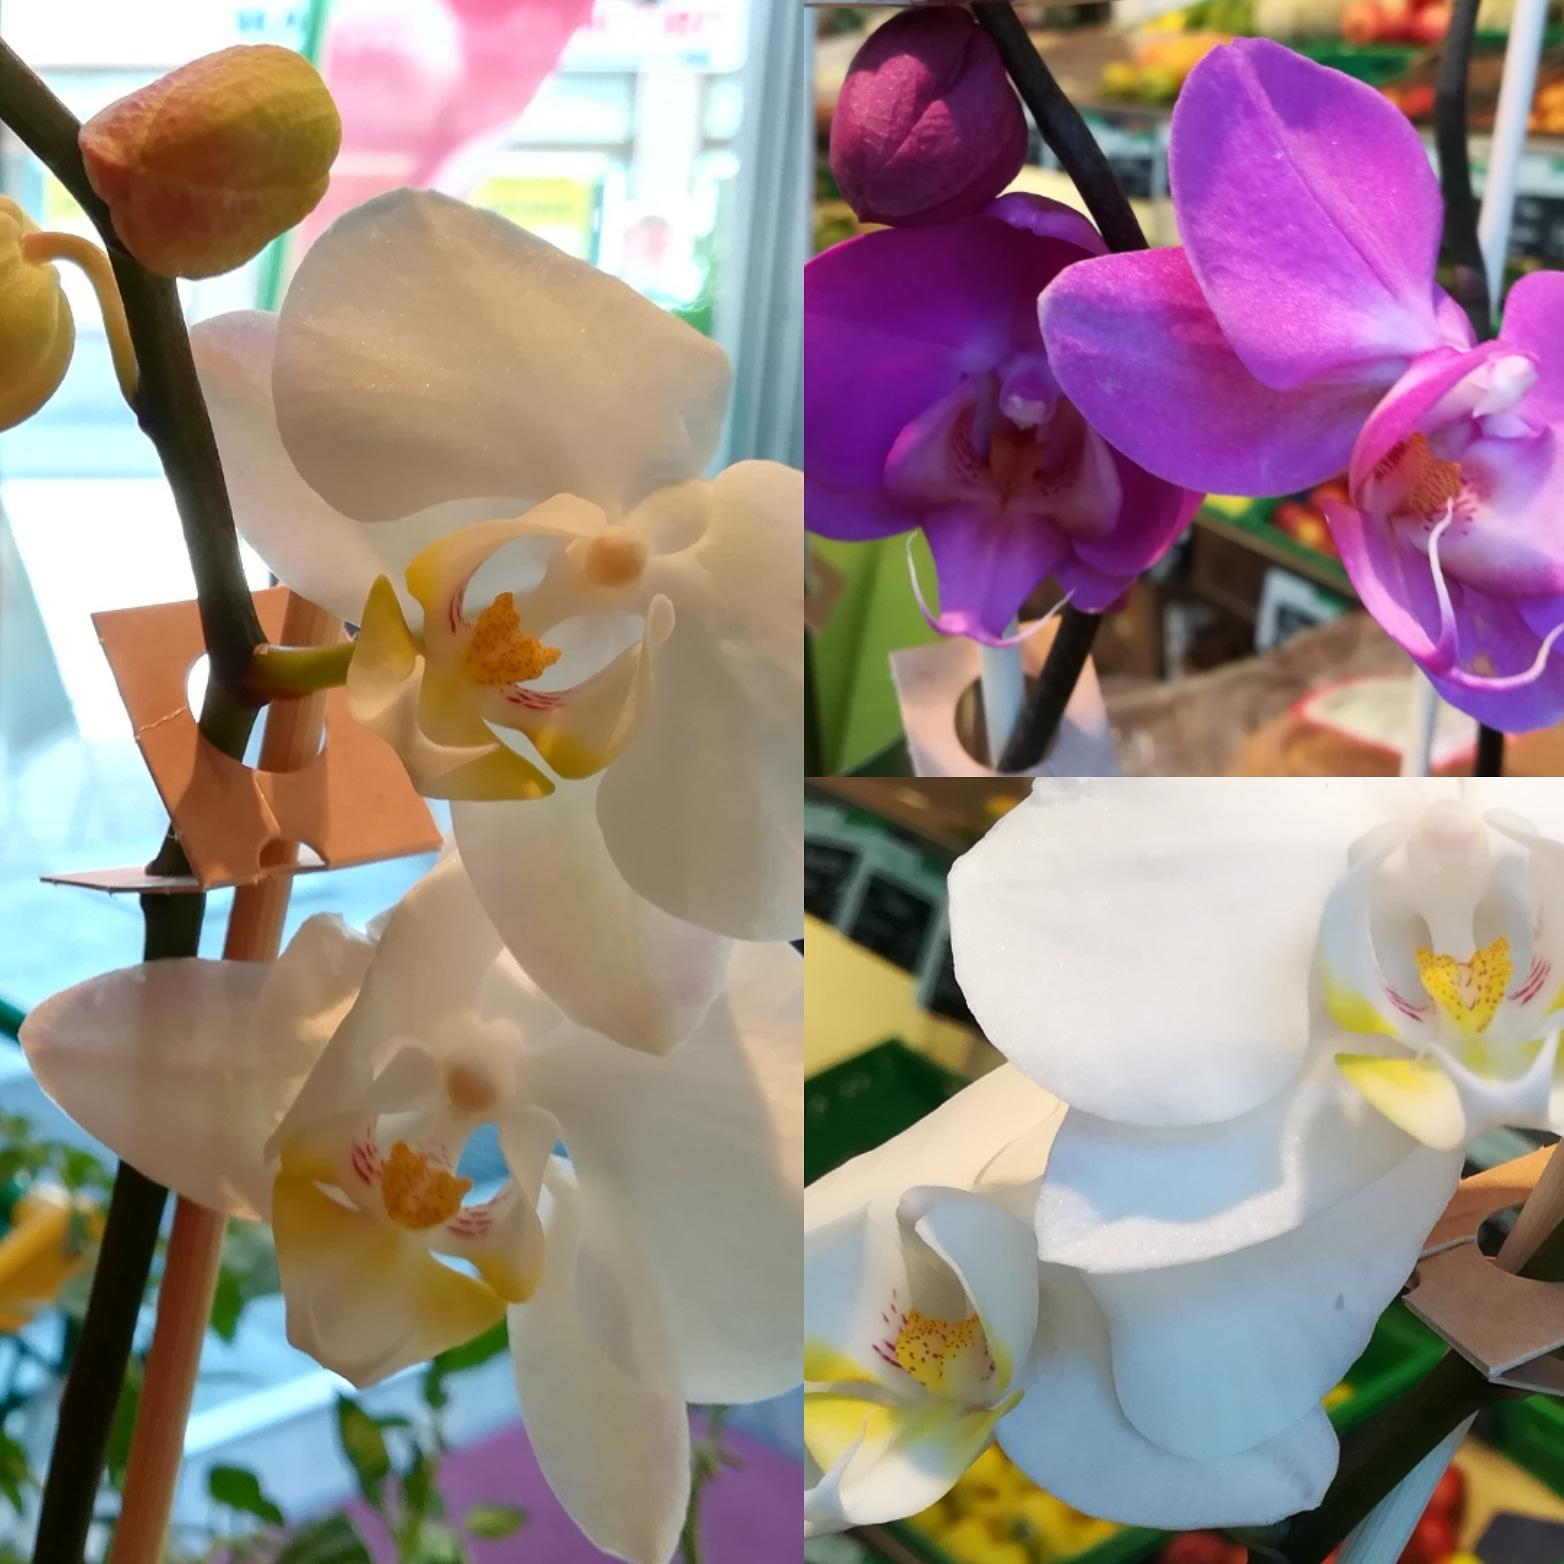 Bio-Orchideen zum Verkauf - Biomarkt Biodelikat Bad Tölz - Bioladen mit Atmosphäre